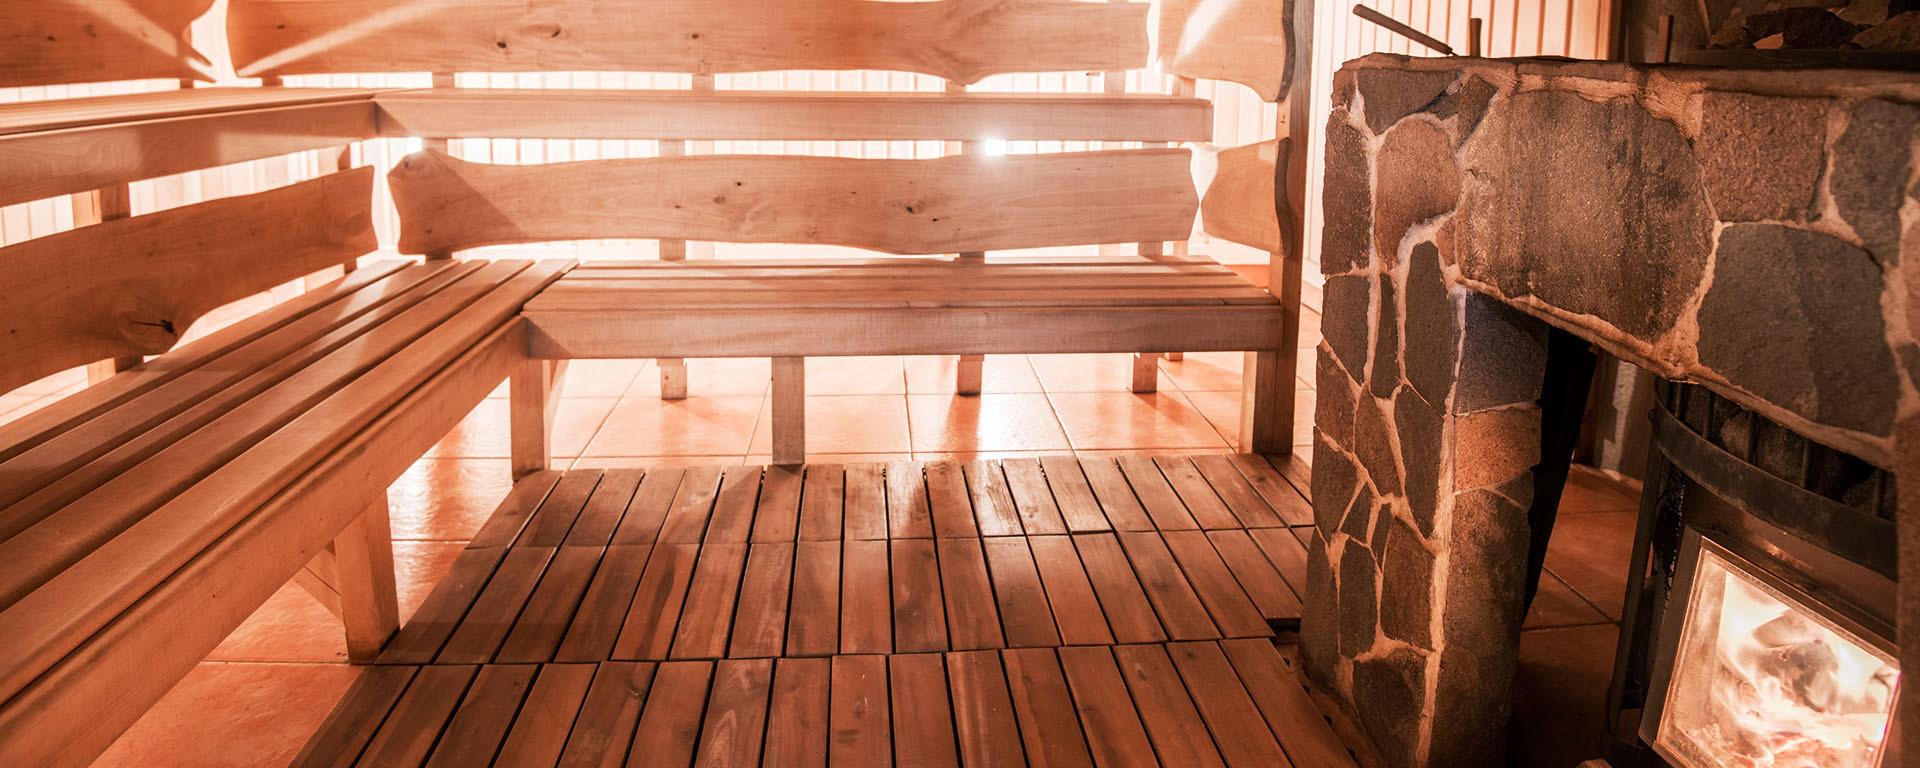 Hier erholen und entspannen Sie sich - und fördern Ihre Gesundheit sowie robuste Widerstandsfähigkeit